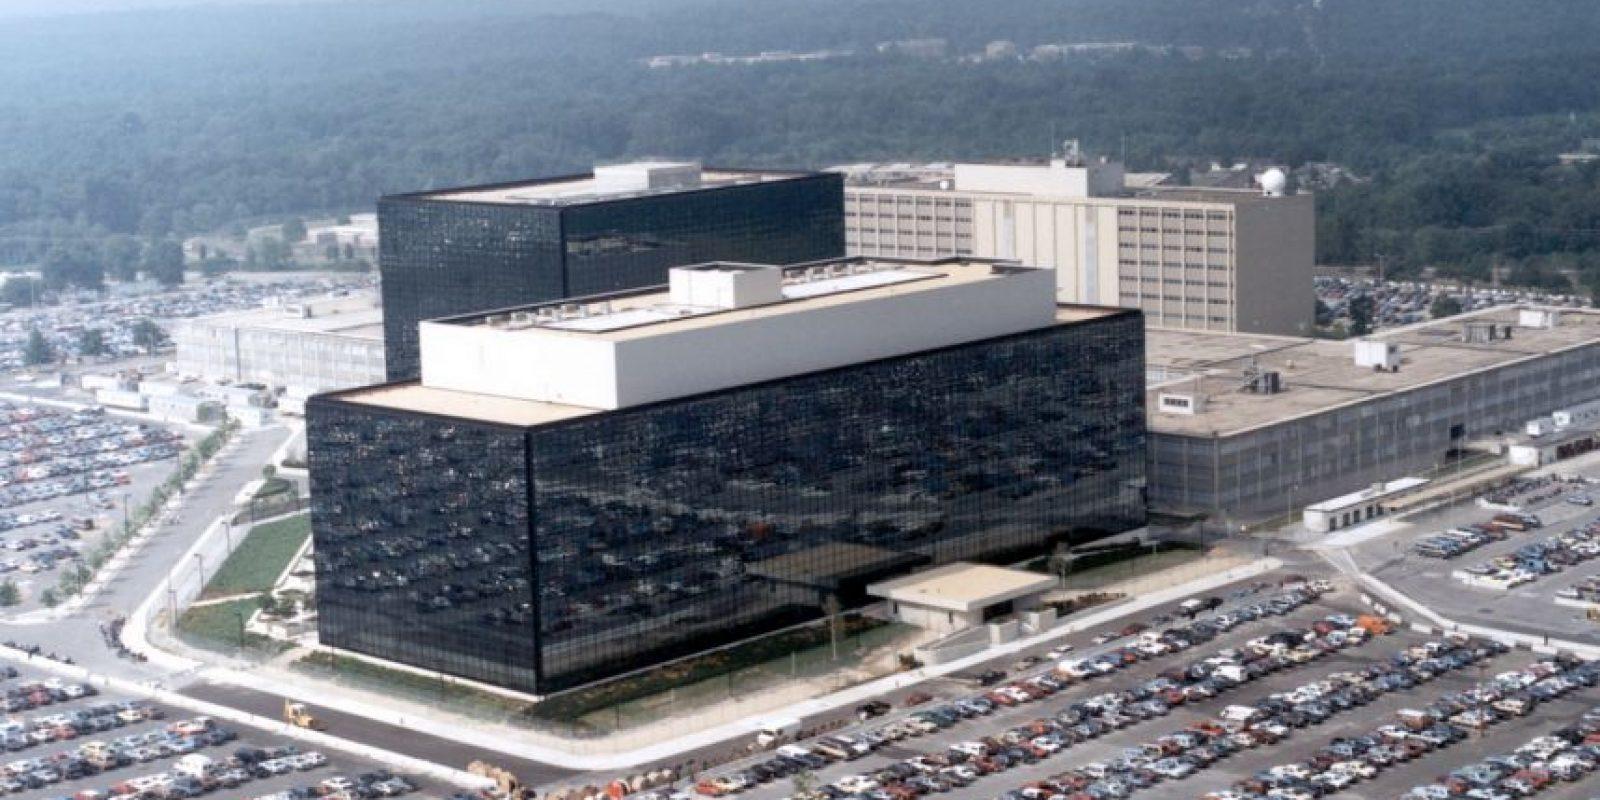 Fue creada en secreto el 4 de noviembre de 1952, actualmente se ha visto envuelta en escándalos de espionaje. Foto:Vía www.nsa.gov